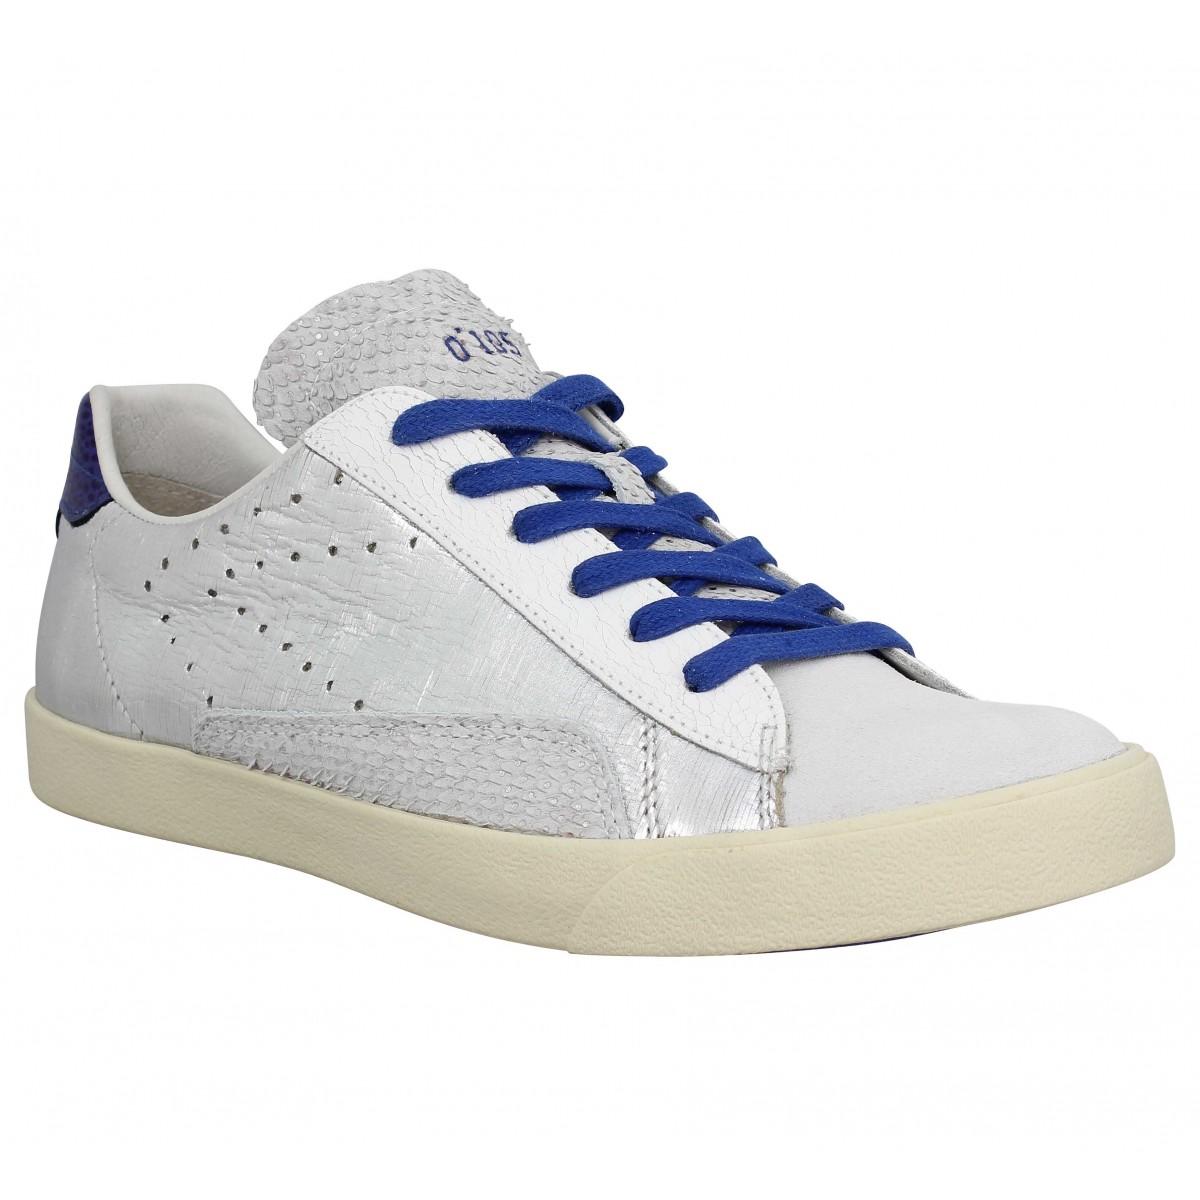 0 105 stan chris chris stan cuir femme Argent Bleu femme Fanny chaussures 844977